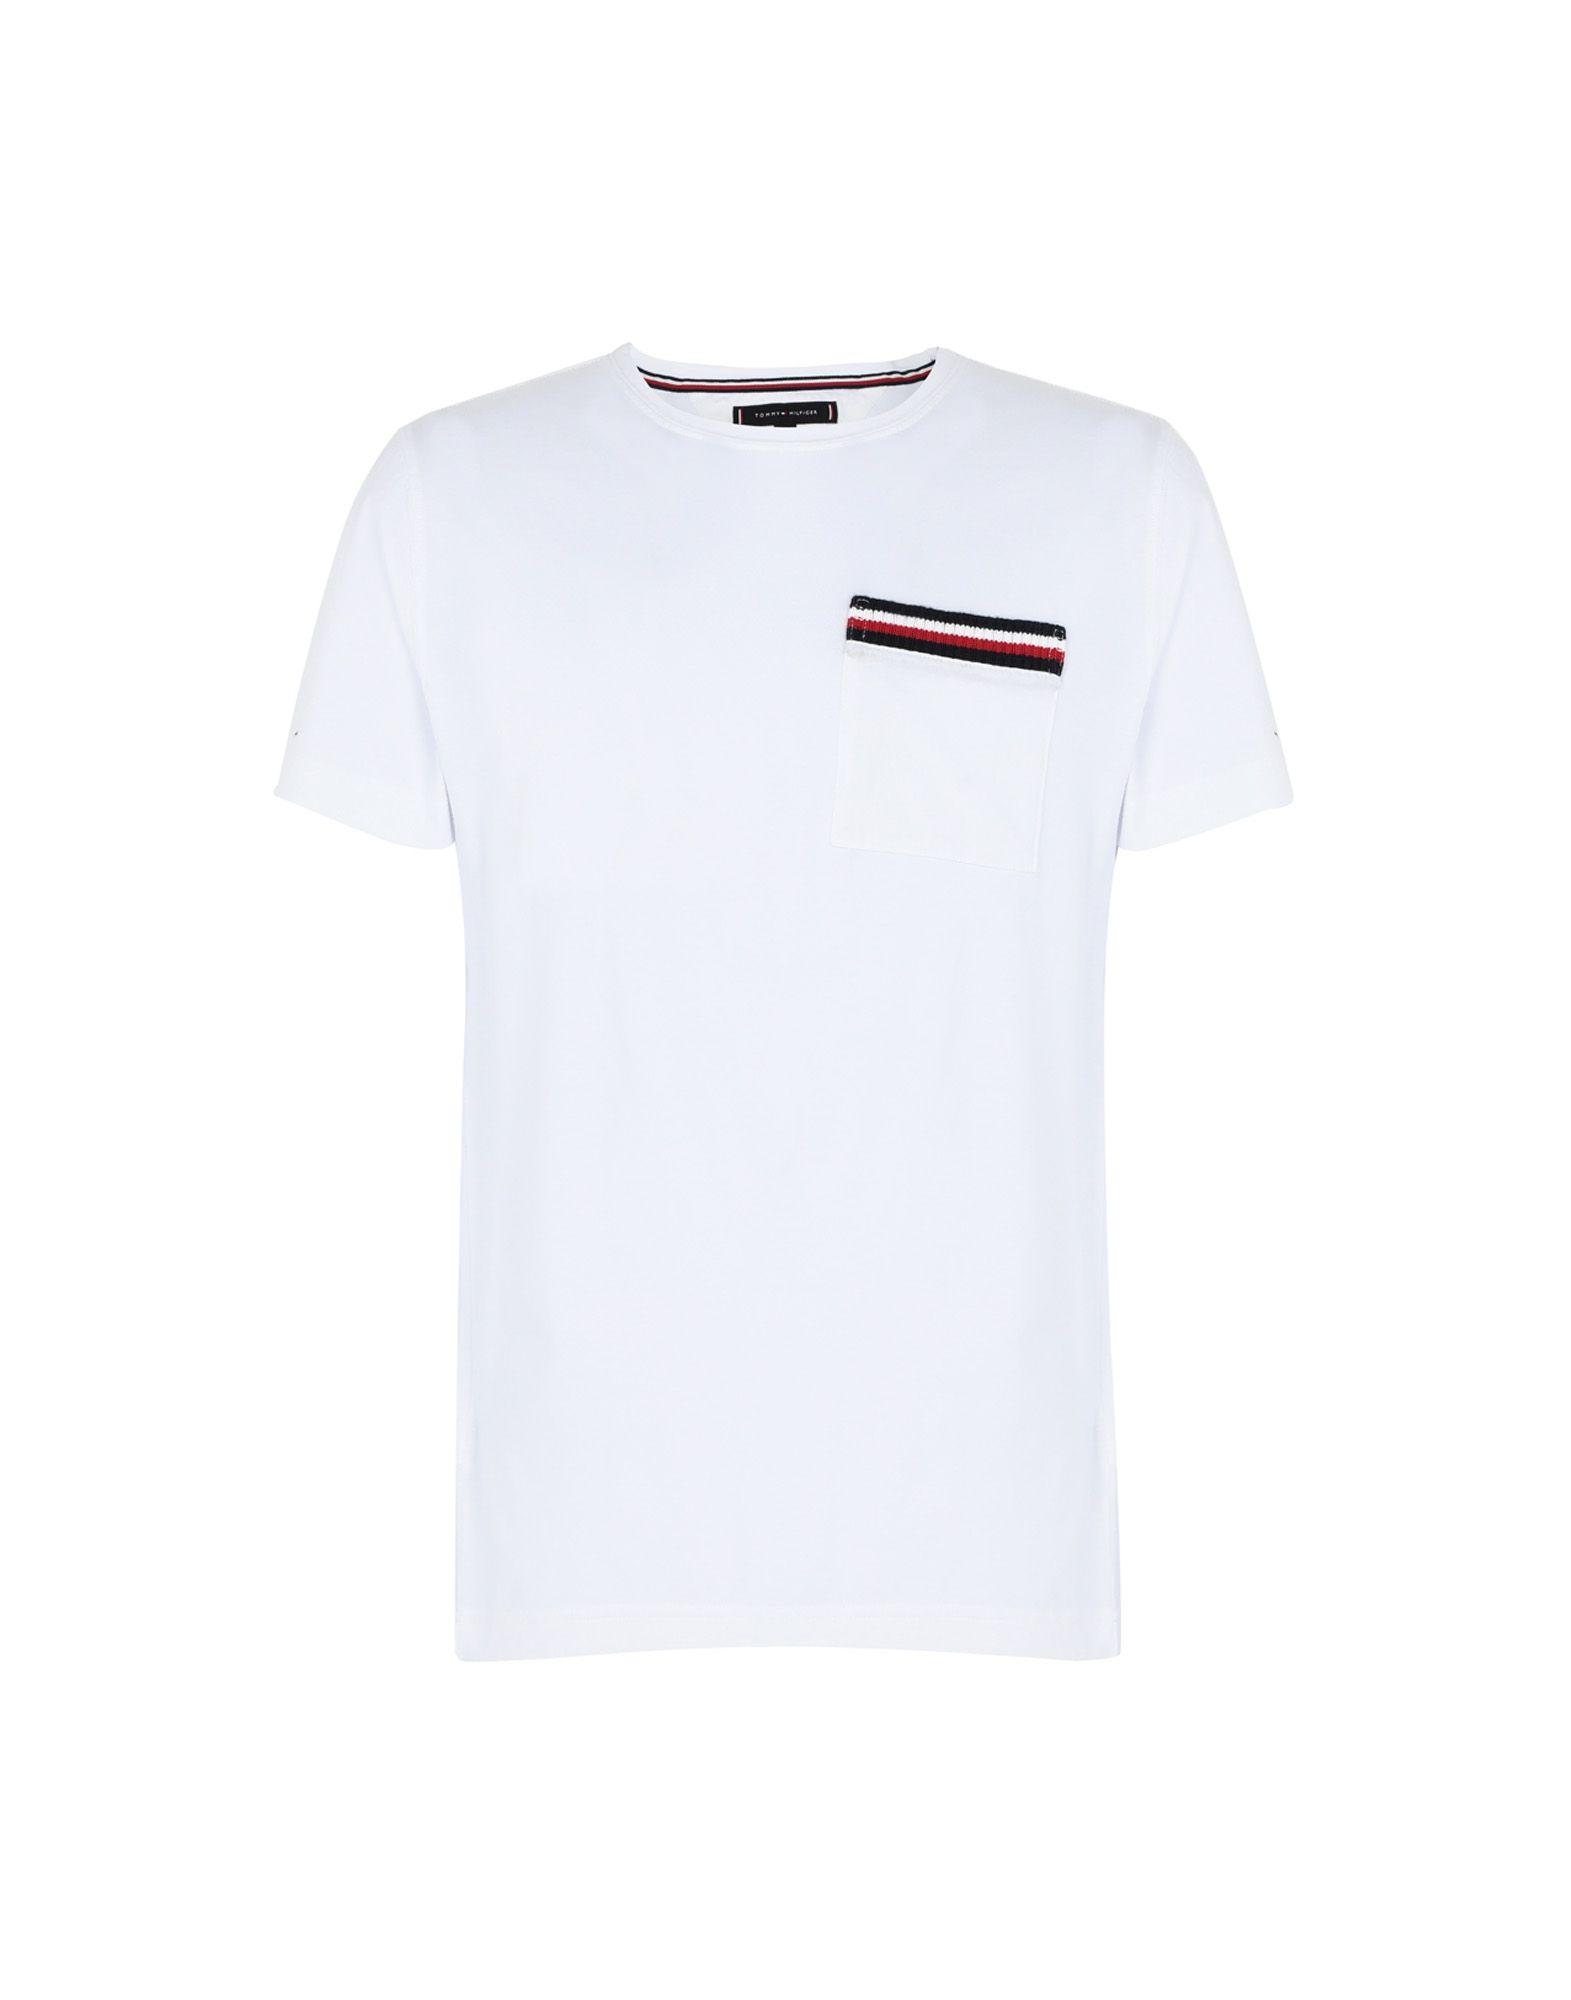 《送料無料》TOMMY HILFIGER メンズ T シャツ ホワイト S コットン 100% CORP POCKET TEE